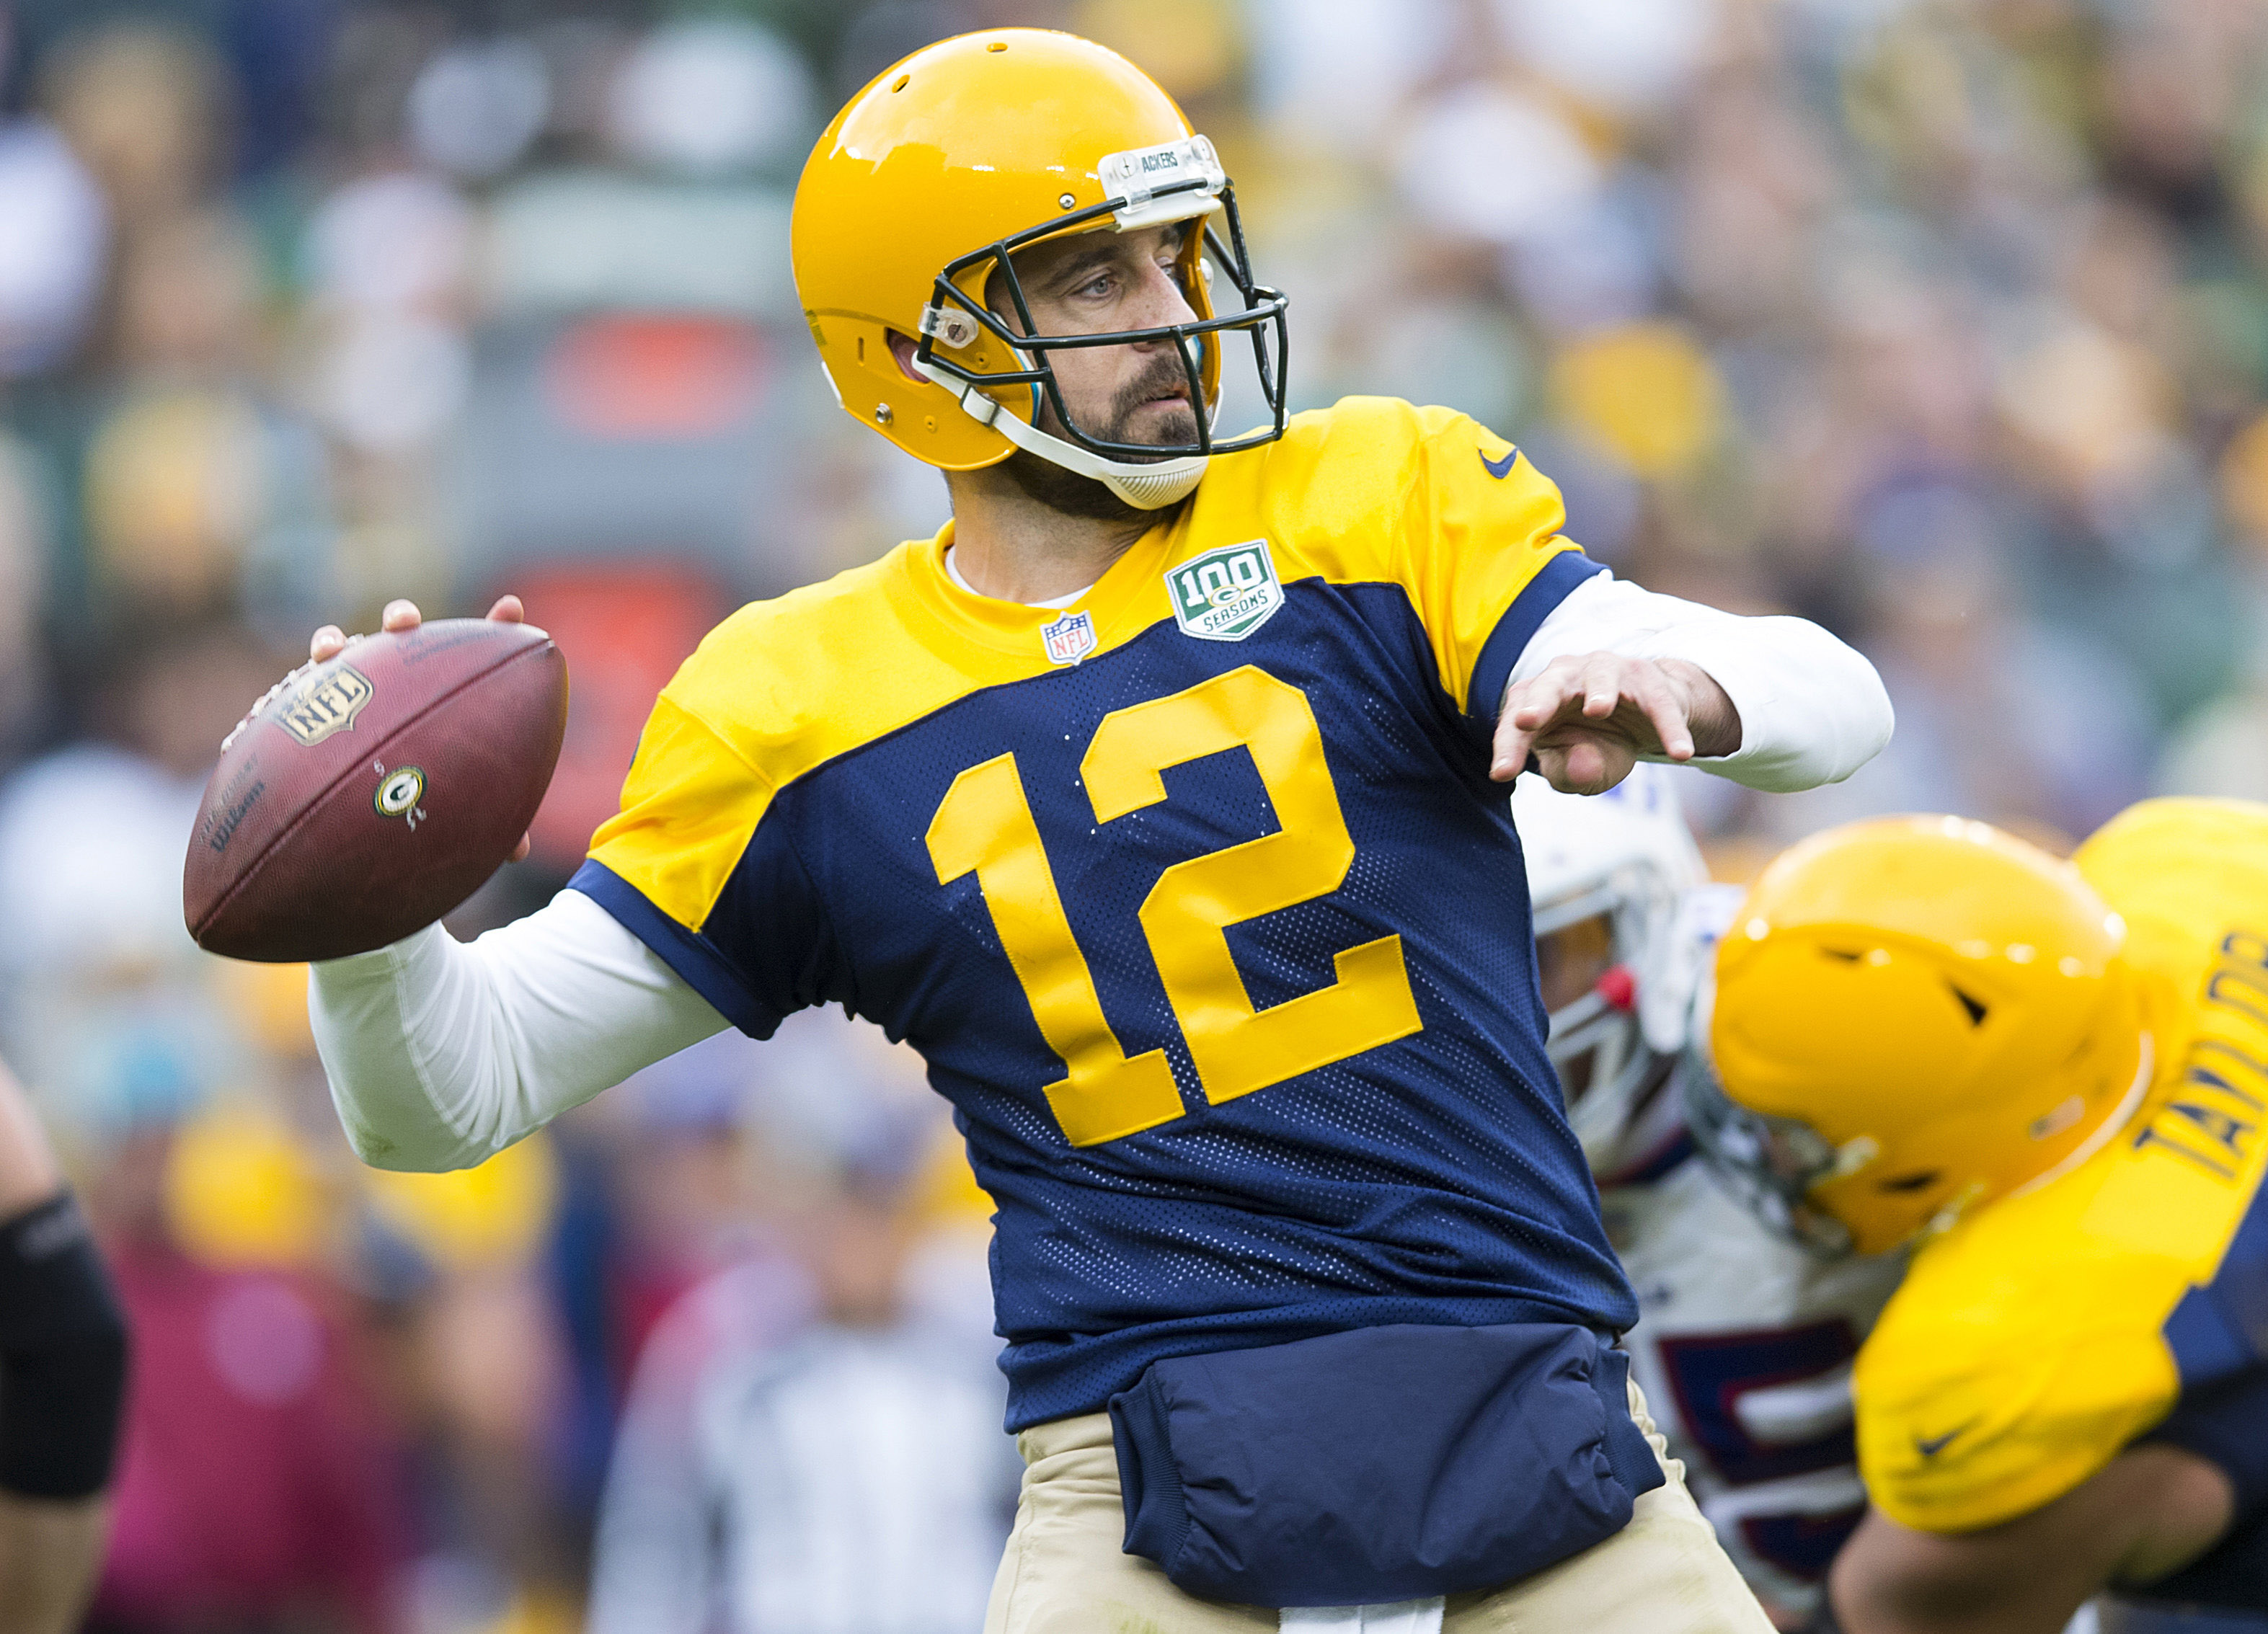 NFL: Buffalo Bills at Green Bay Packers